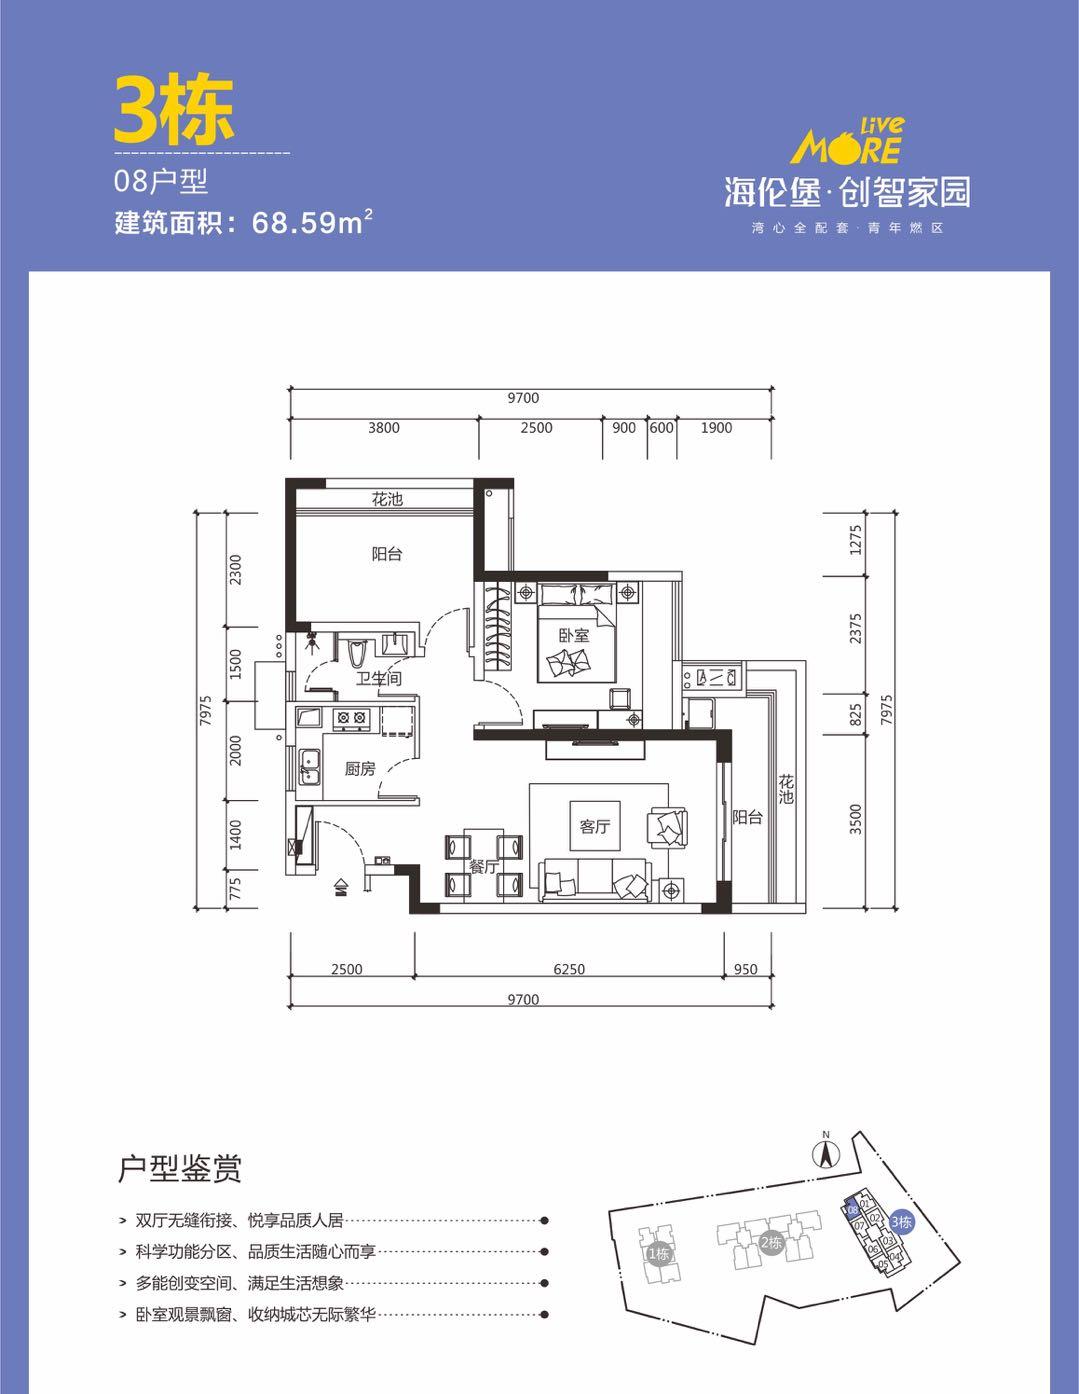 惠州【海伦堡·创智家园】真相大揭秘!规划的周边配套真实存在吗